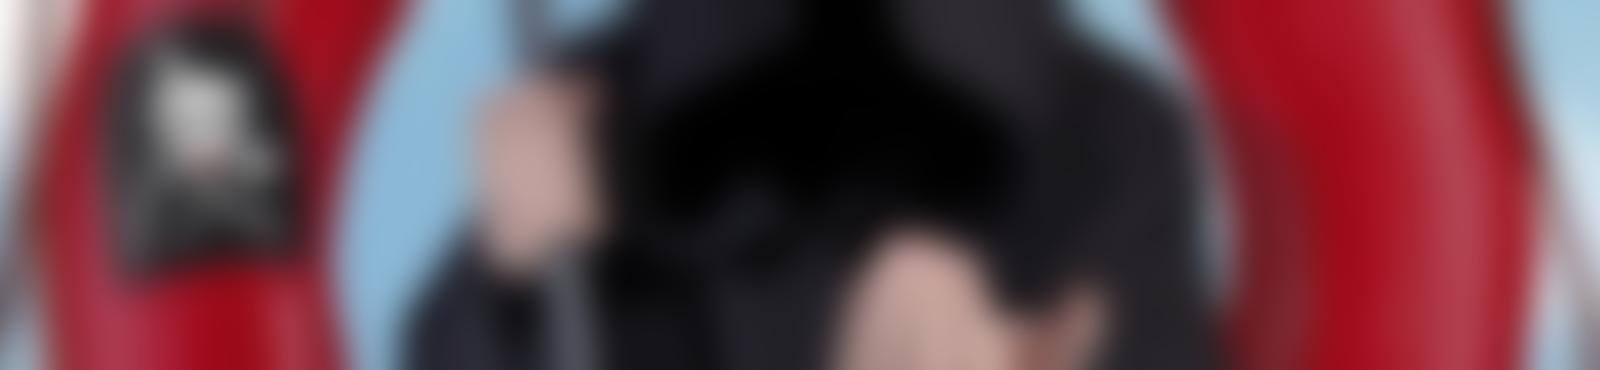 Blurred 7ffe0728 569d 48a9 9f4e a84810da0c5b